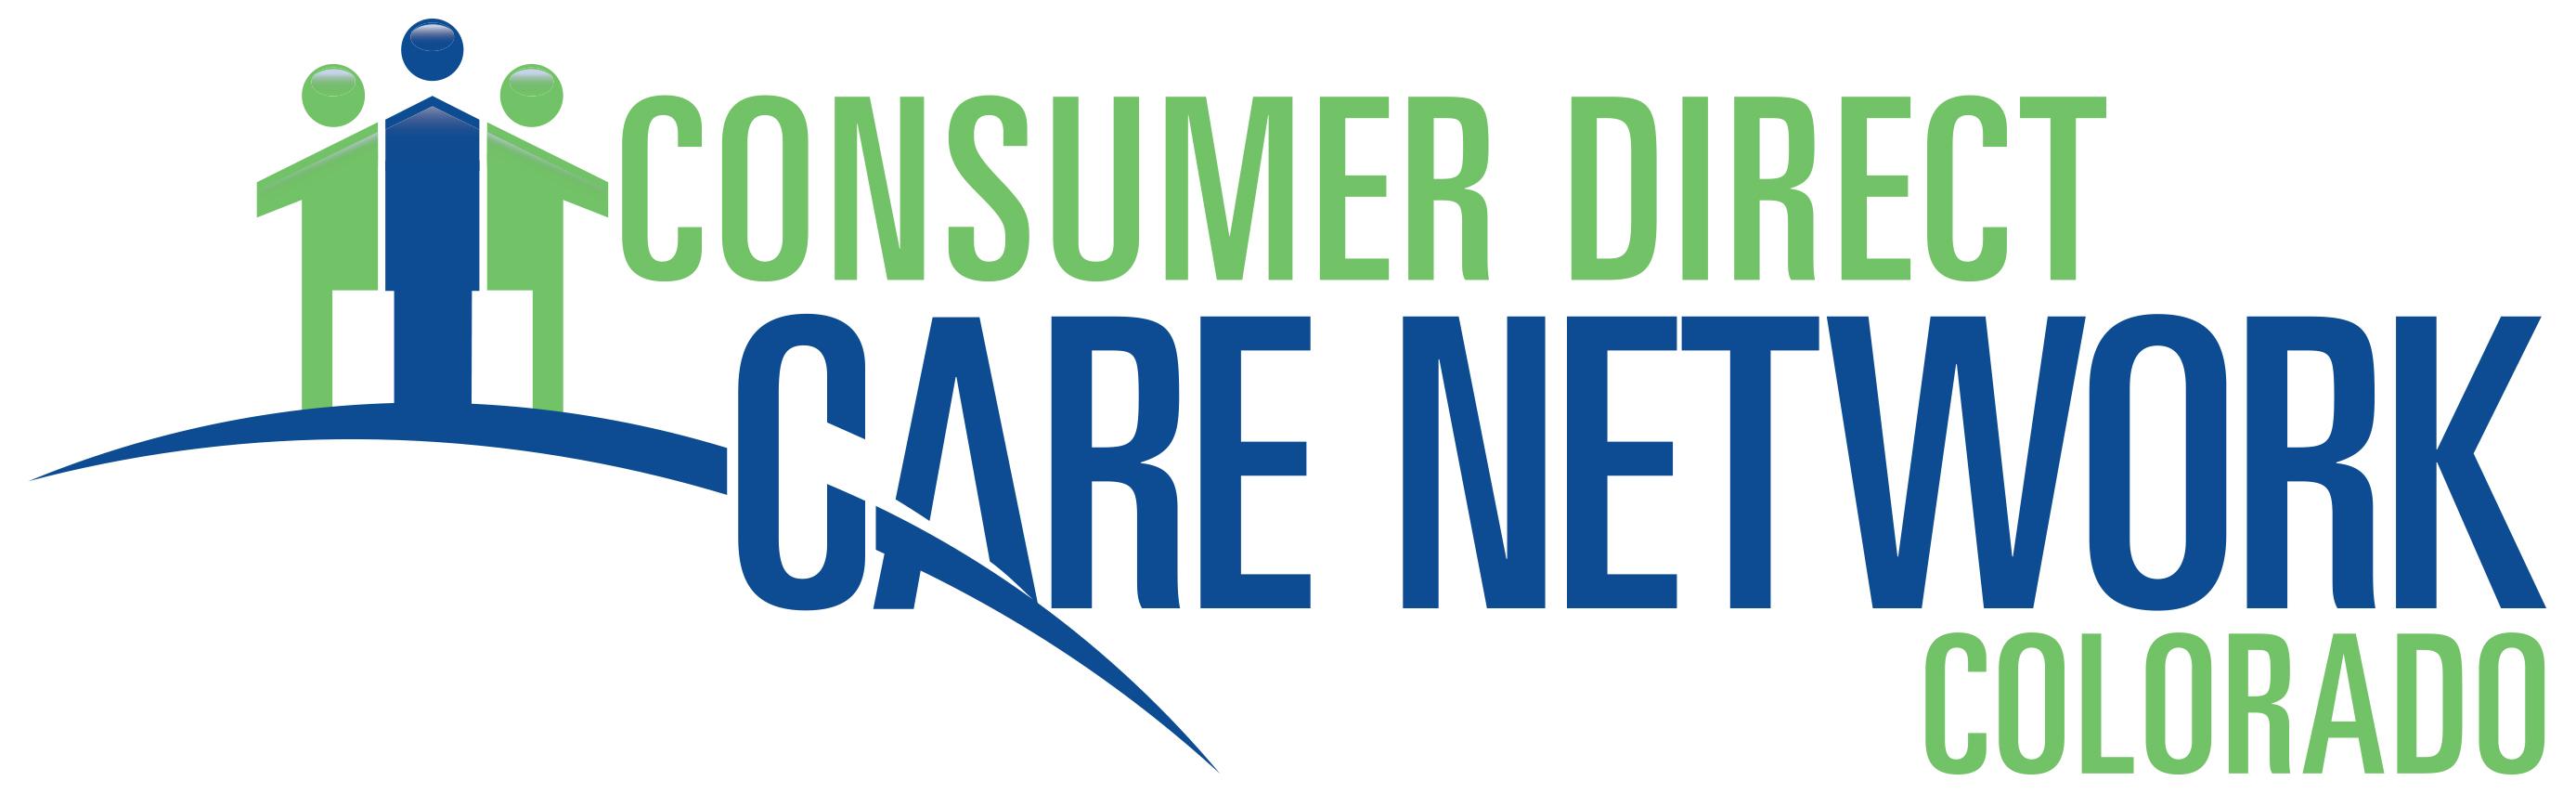 Consumer Direct Colorado logo